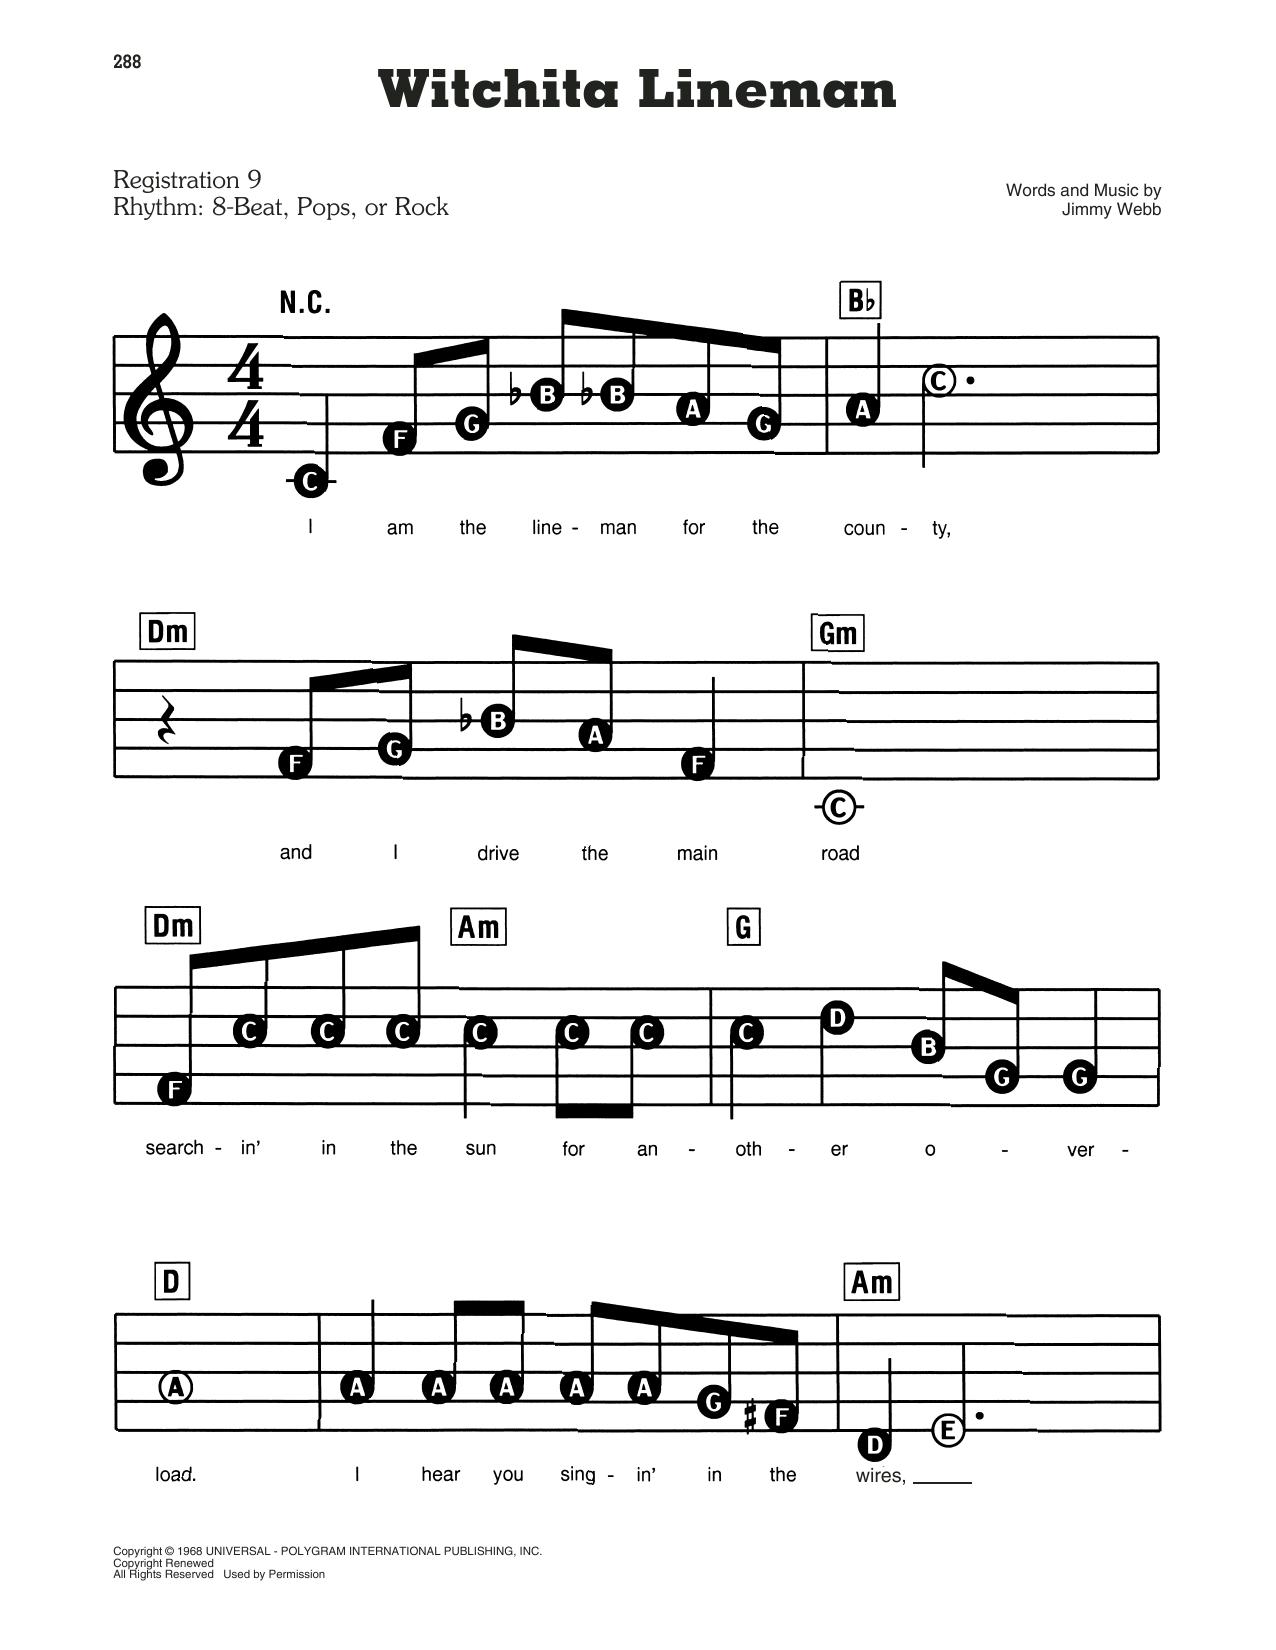 Wichita Lineman (E-Z Play Today)